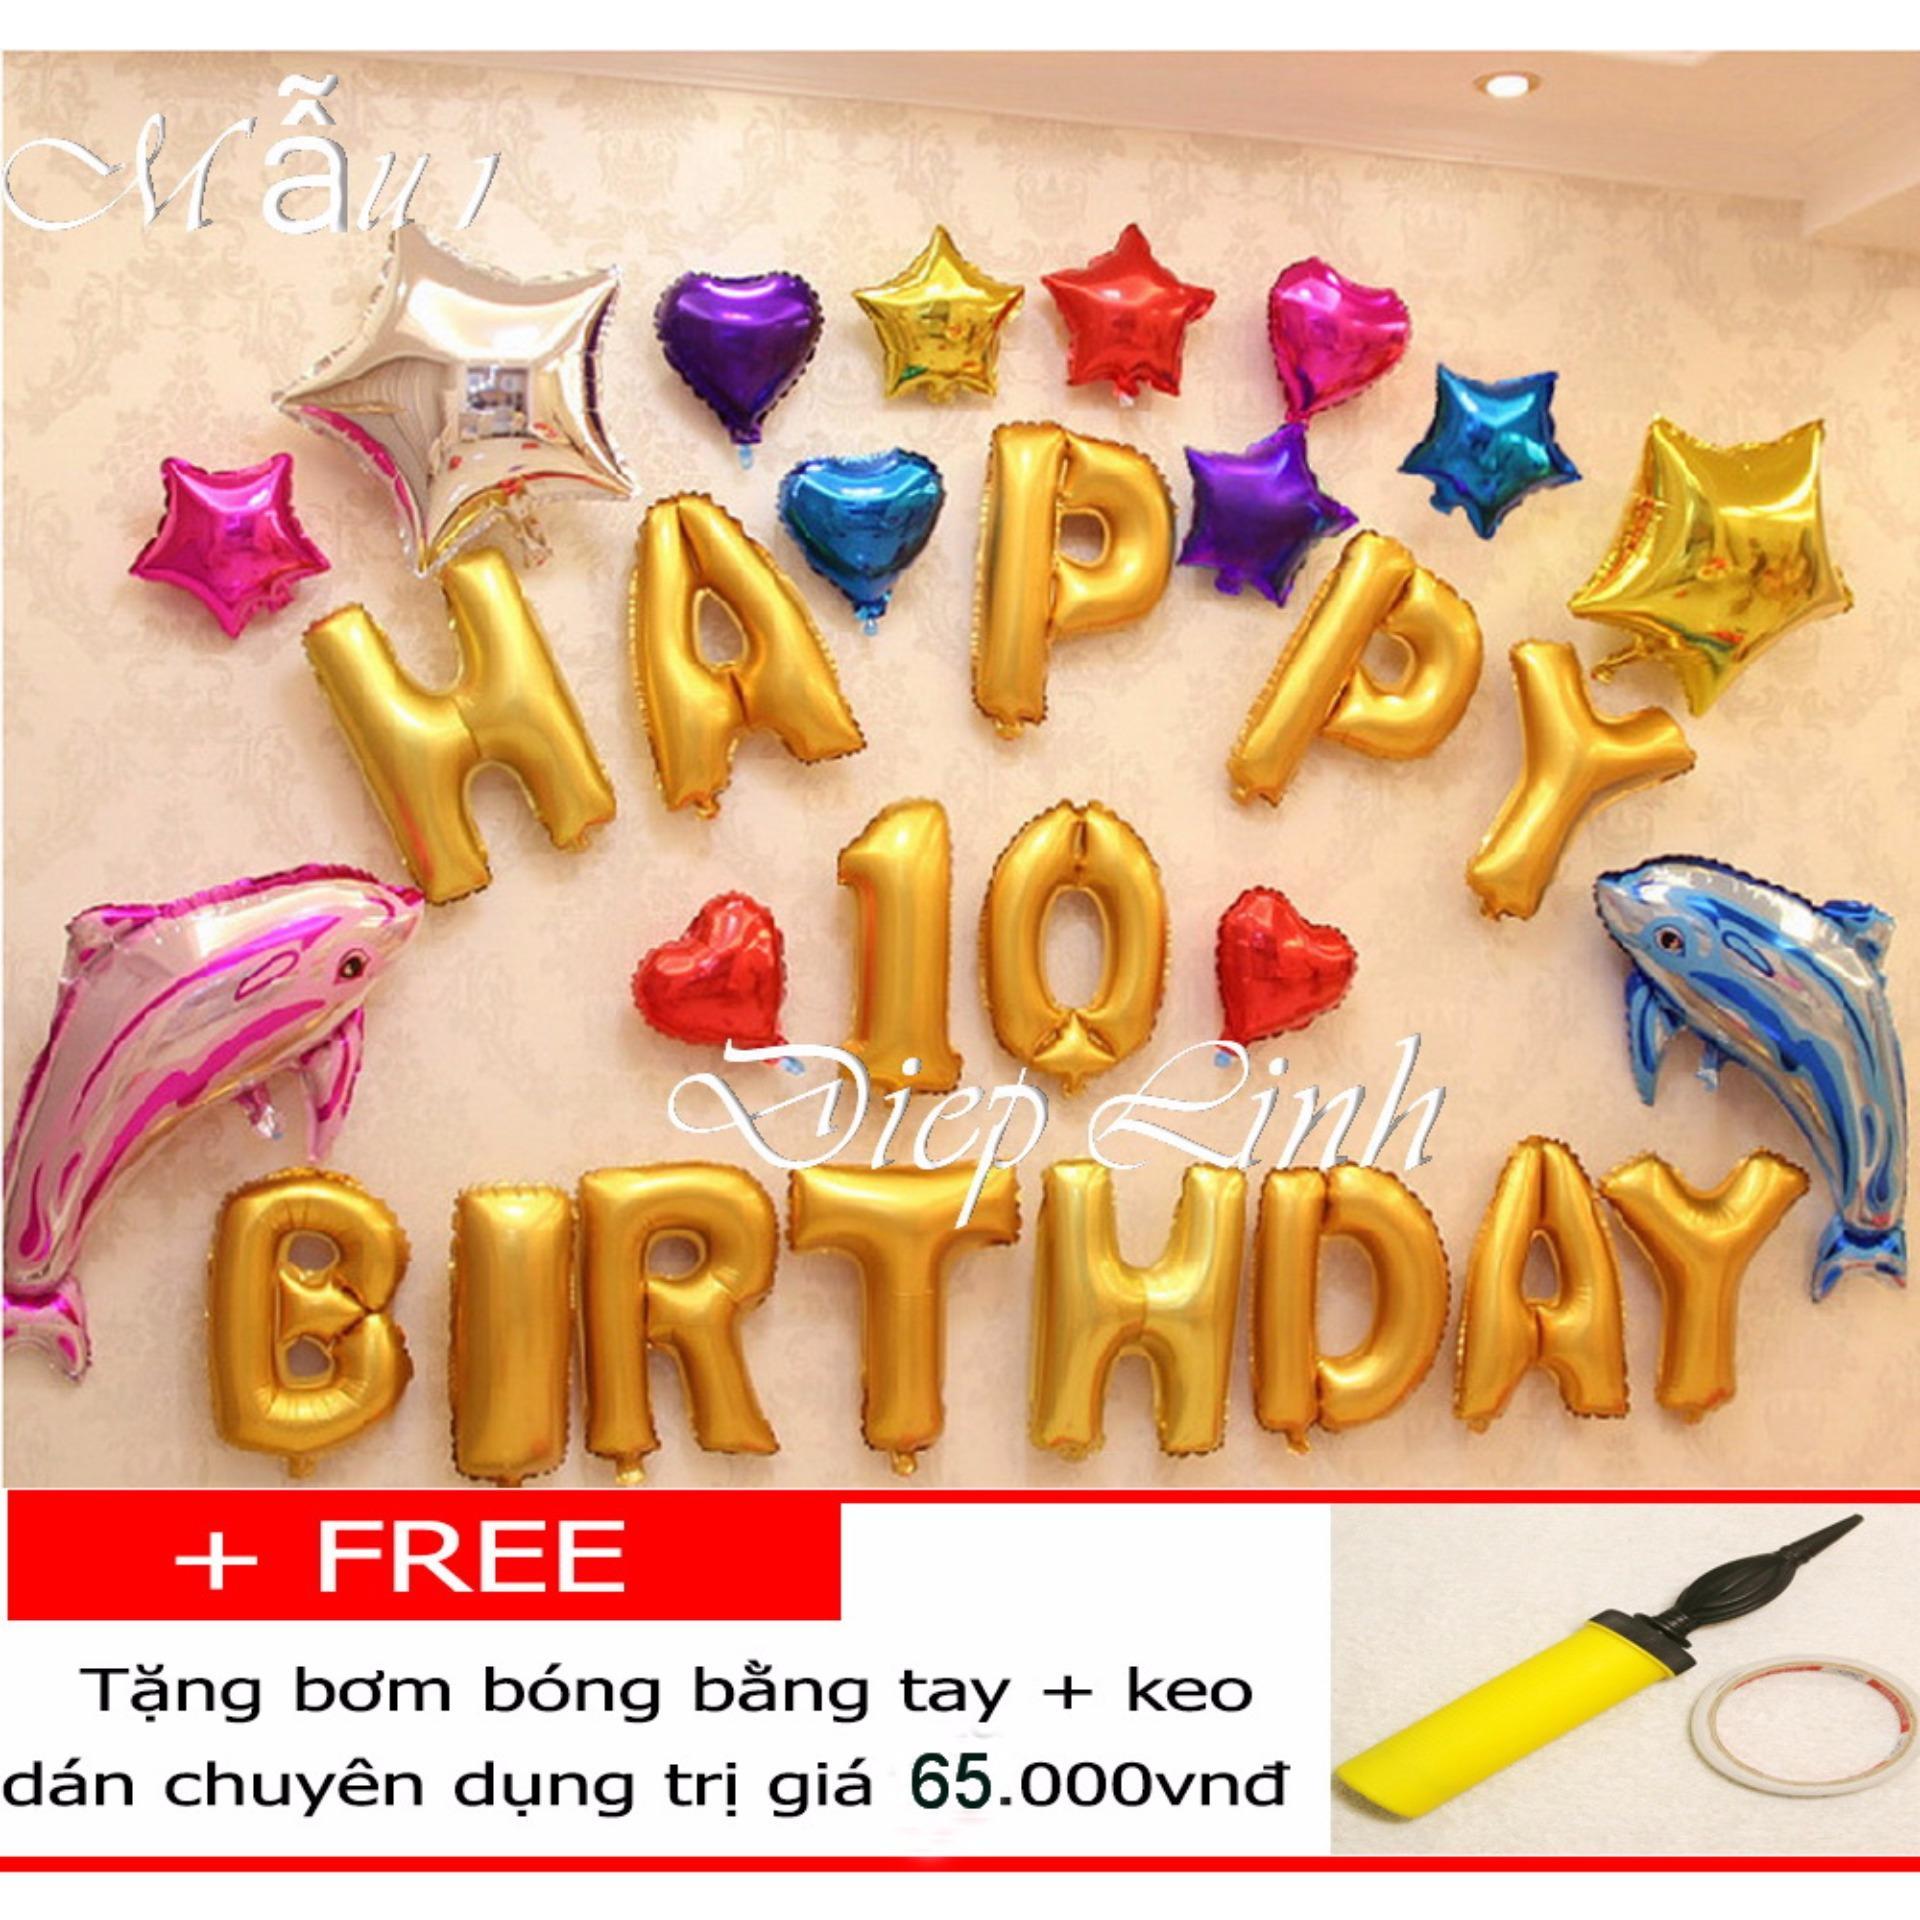 Sét bong bóng sinh nhật trang trí nhiều mẫu - Diệp Linh